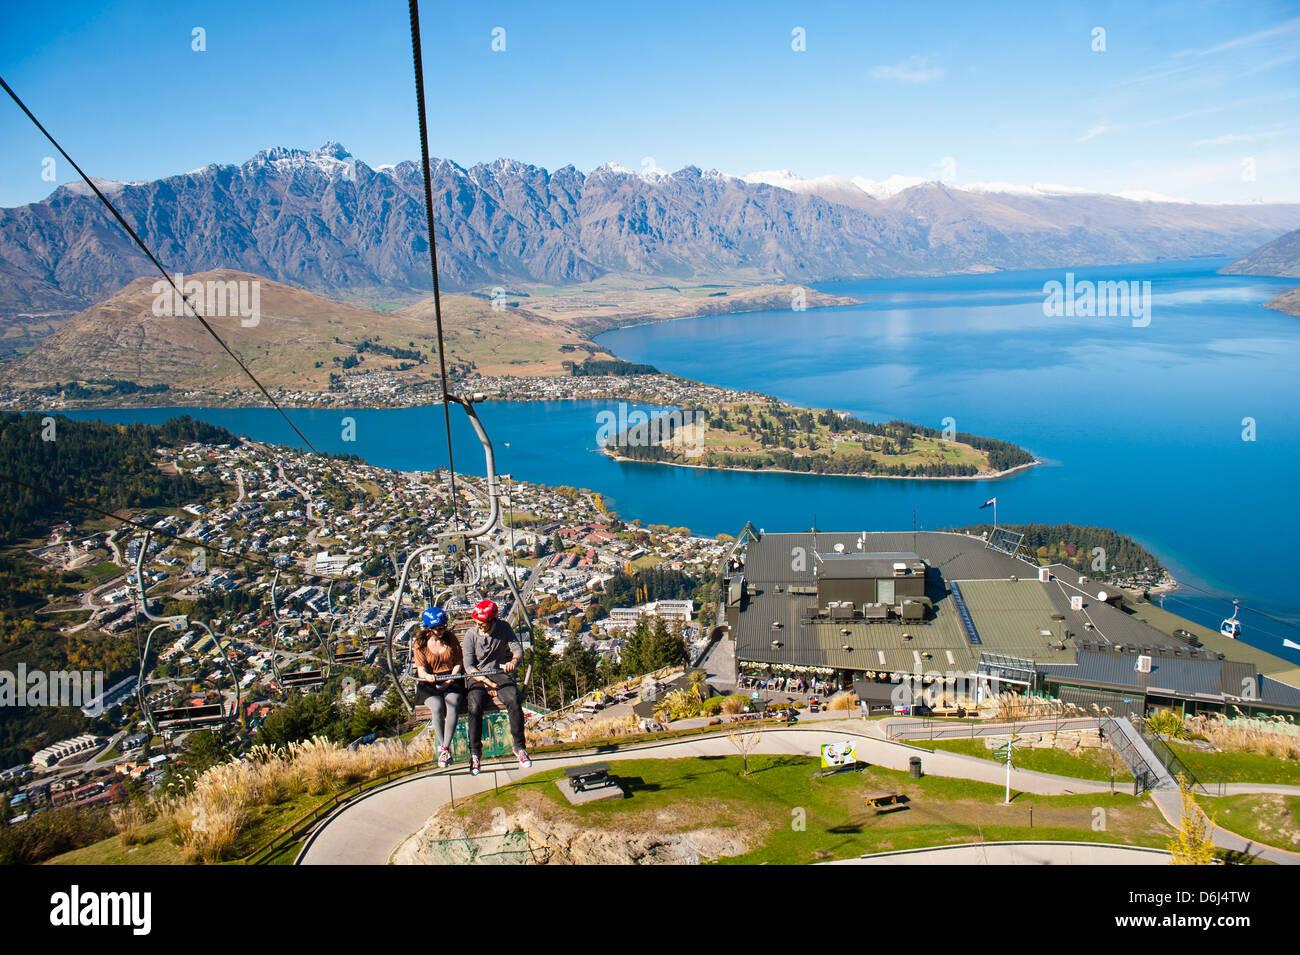 Zwei Touristen auf die Gondel auf der Rodel verfolgen über Queenstown, Otago, Südinsel, Neuseeland, Pazifik Stockbild